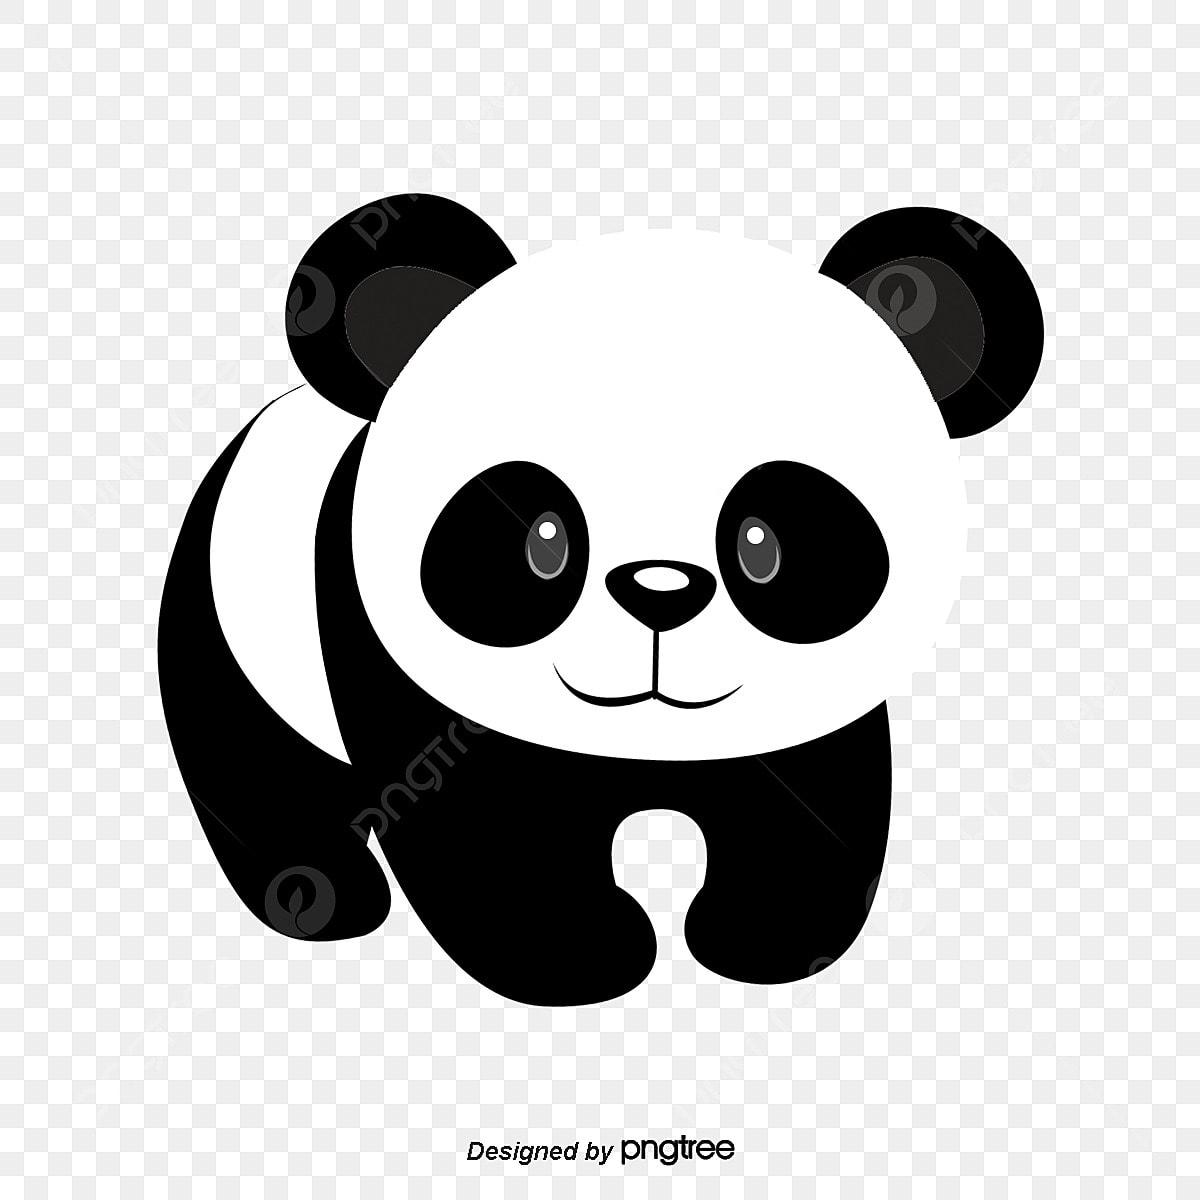 Gambar Cute Hitam Dan Putih Haiwan Panda Haiwan Comel Harta Nasional Png Dan Psd Untuk Muat Turun Percuma